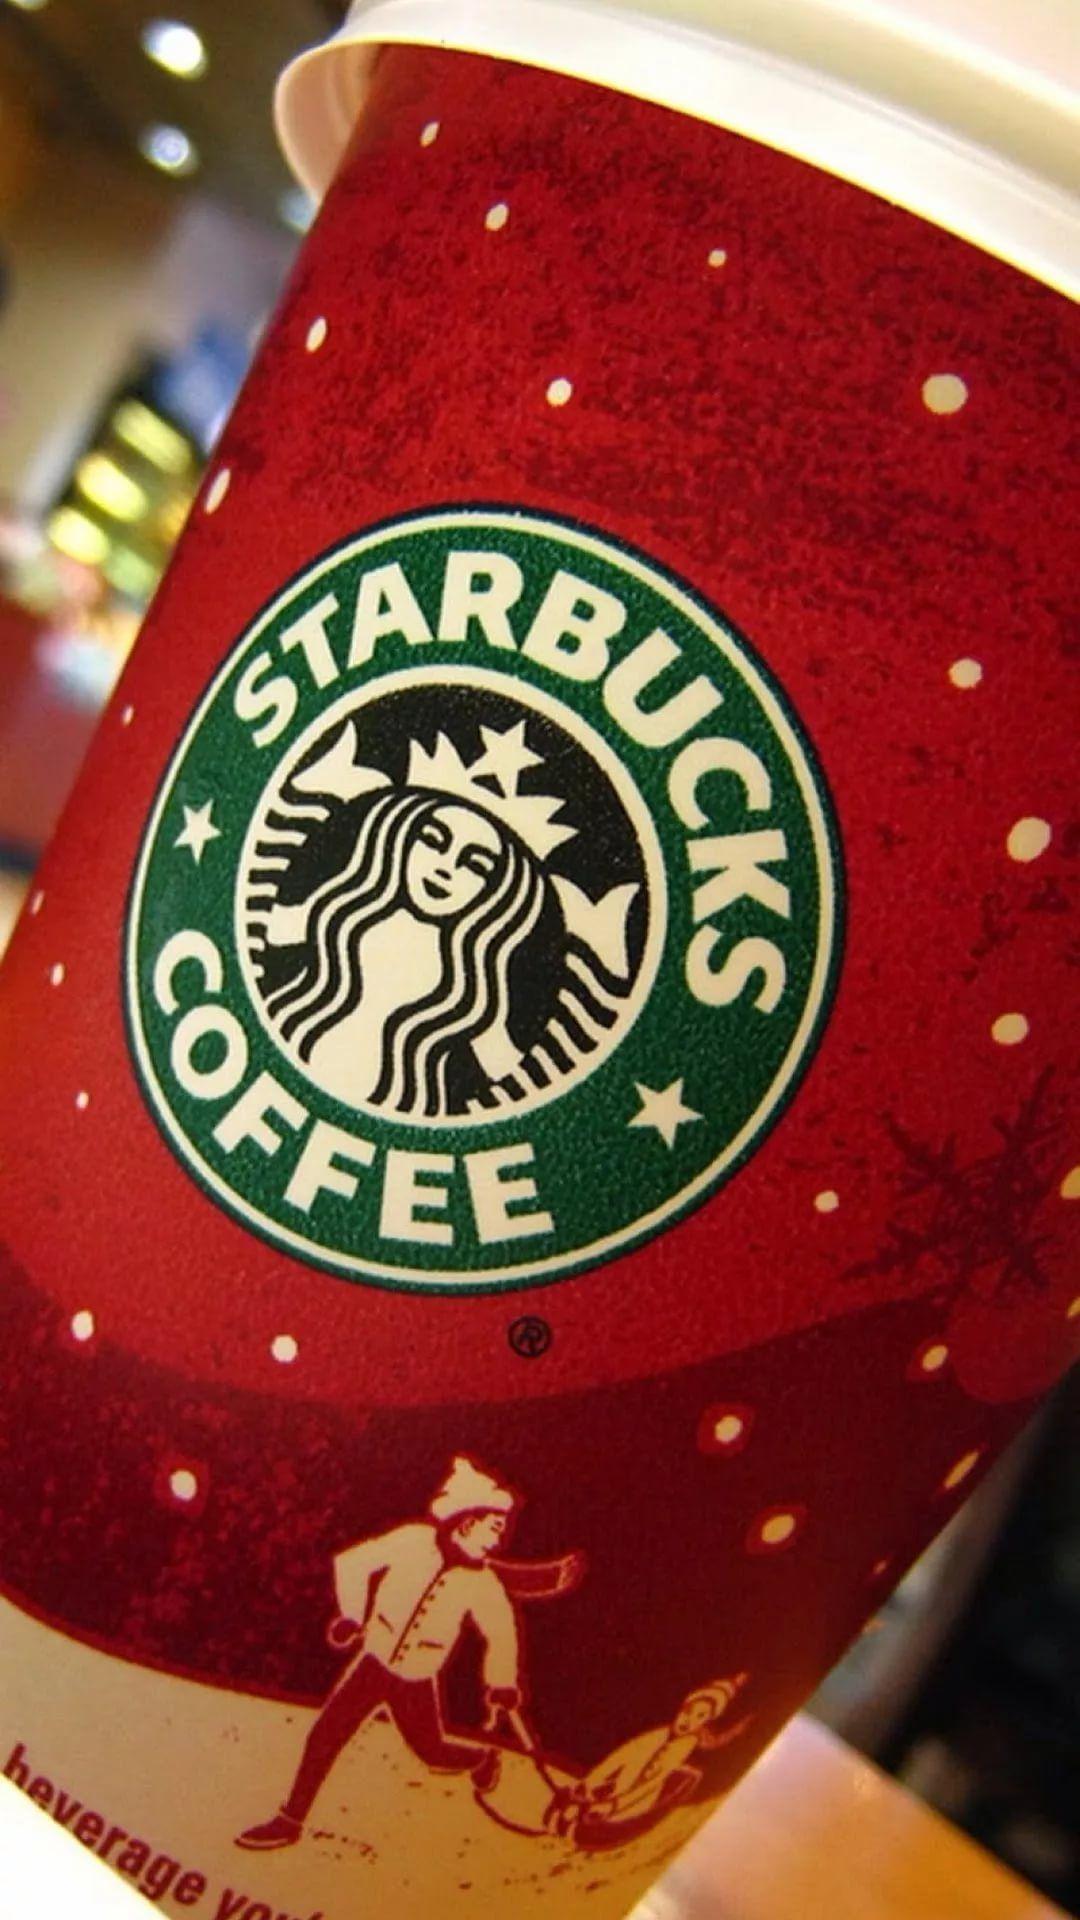 Starbucks background wallpaper